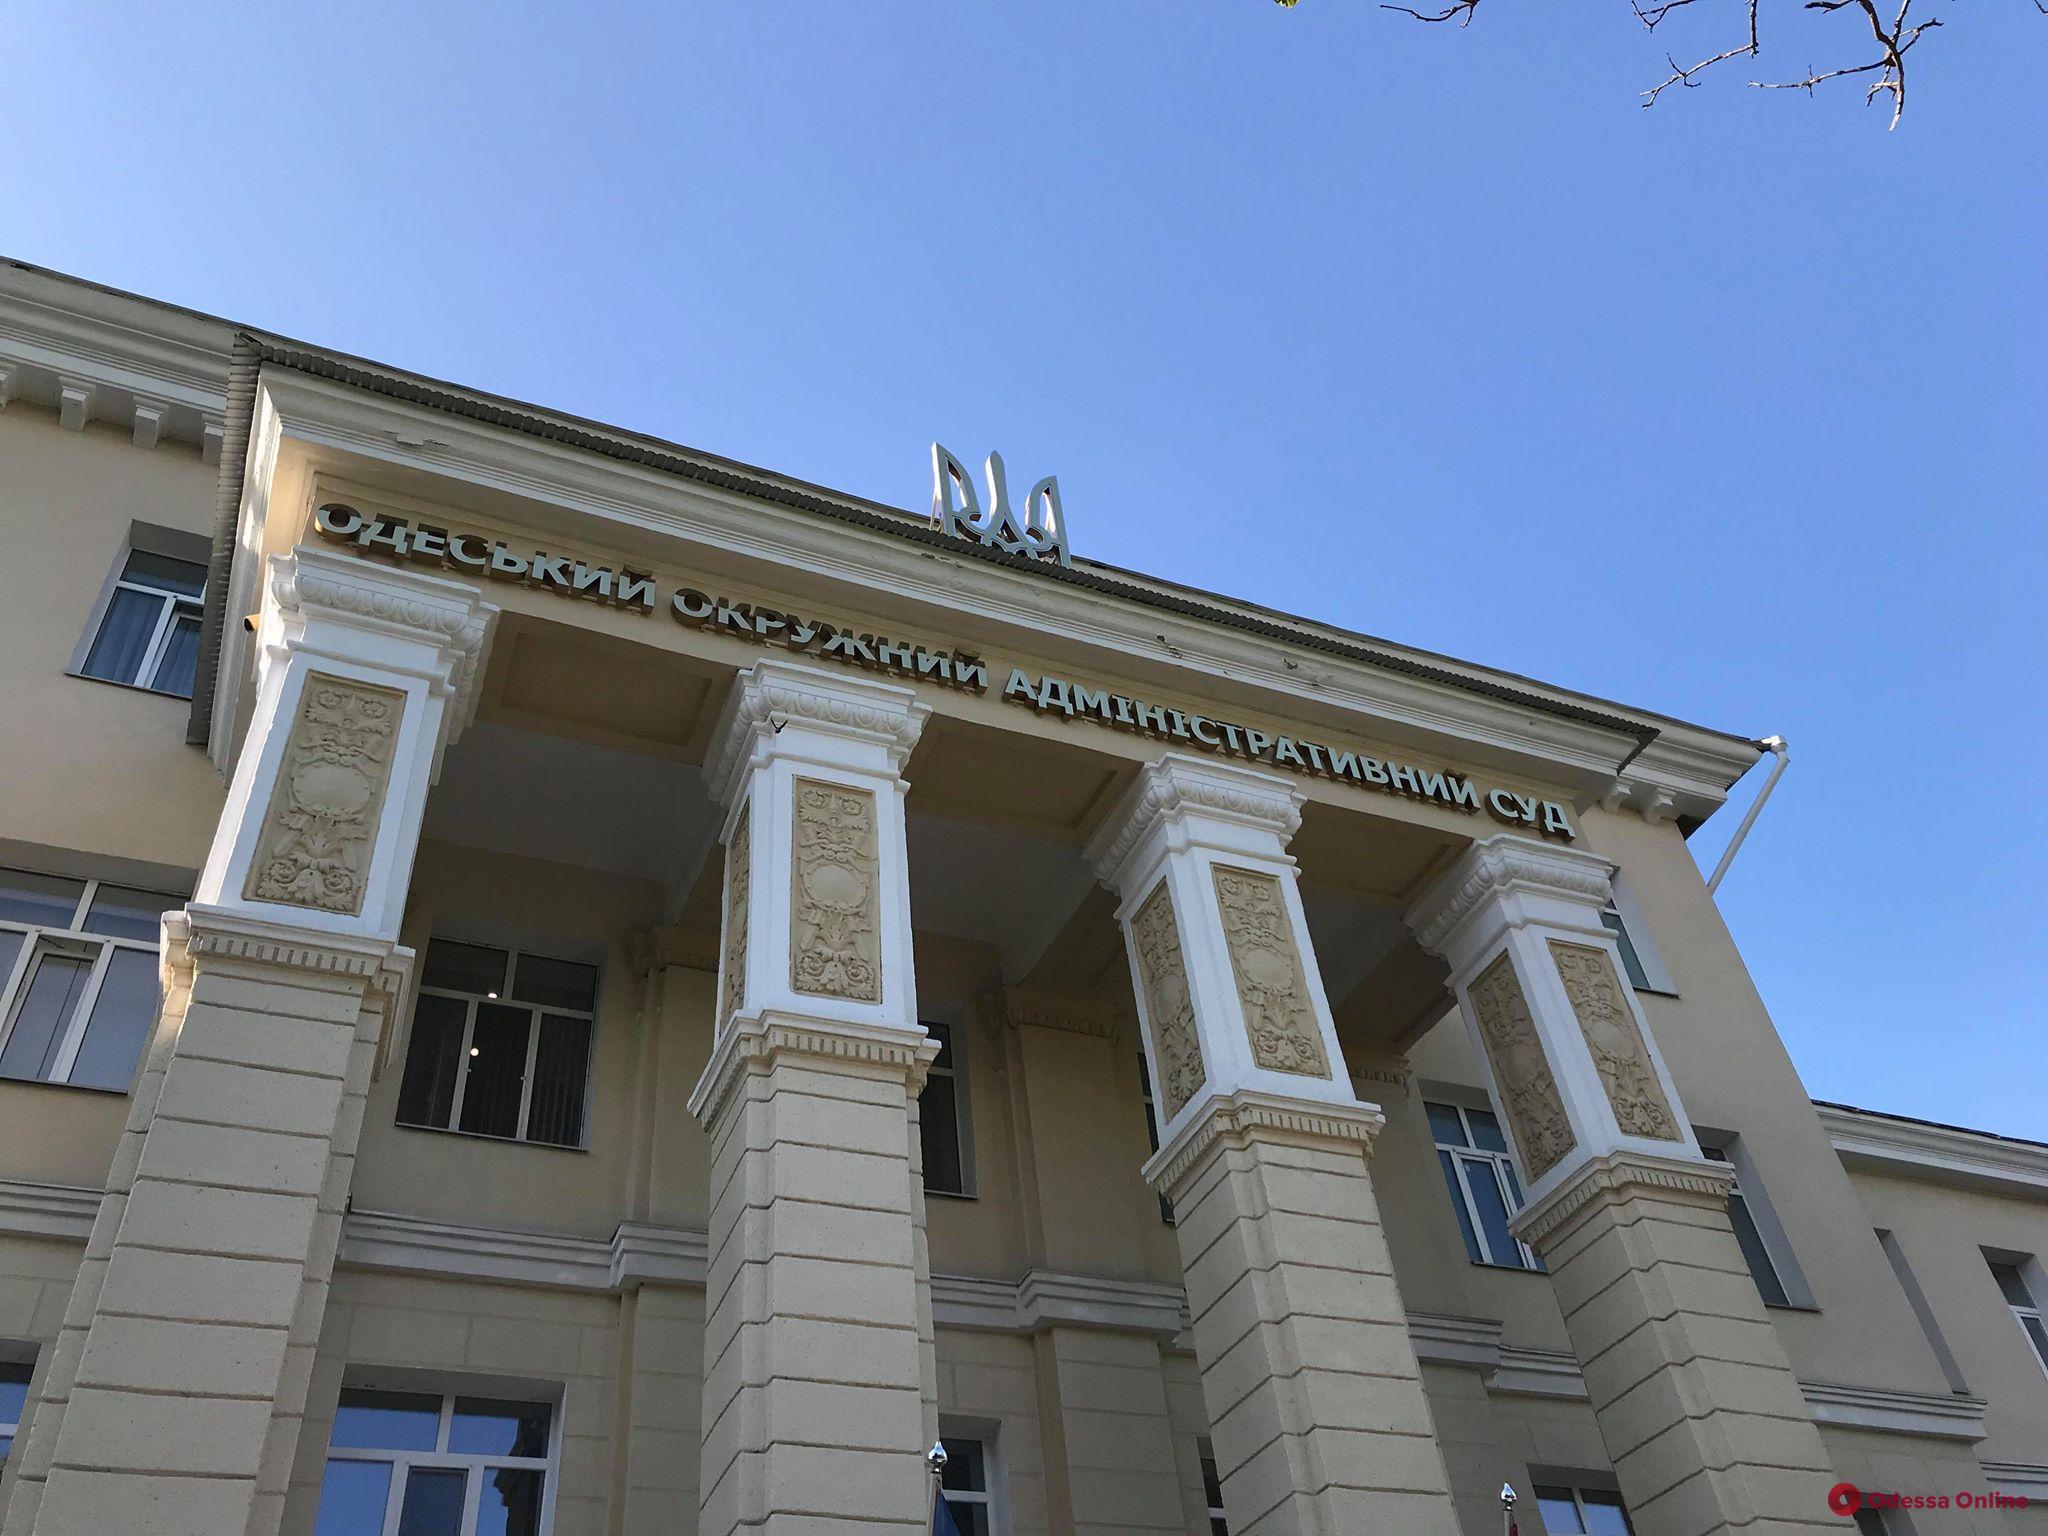 Одесский окружной административный суд «заминировали» (обновлено)